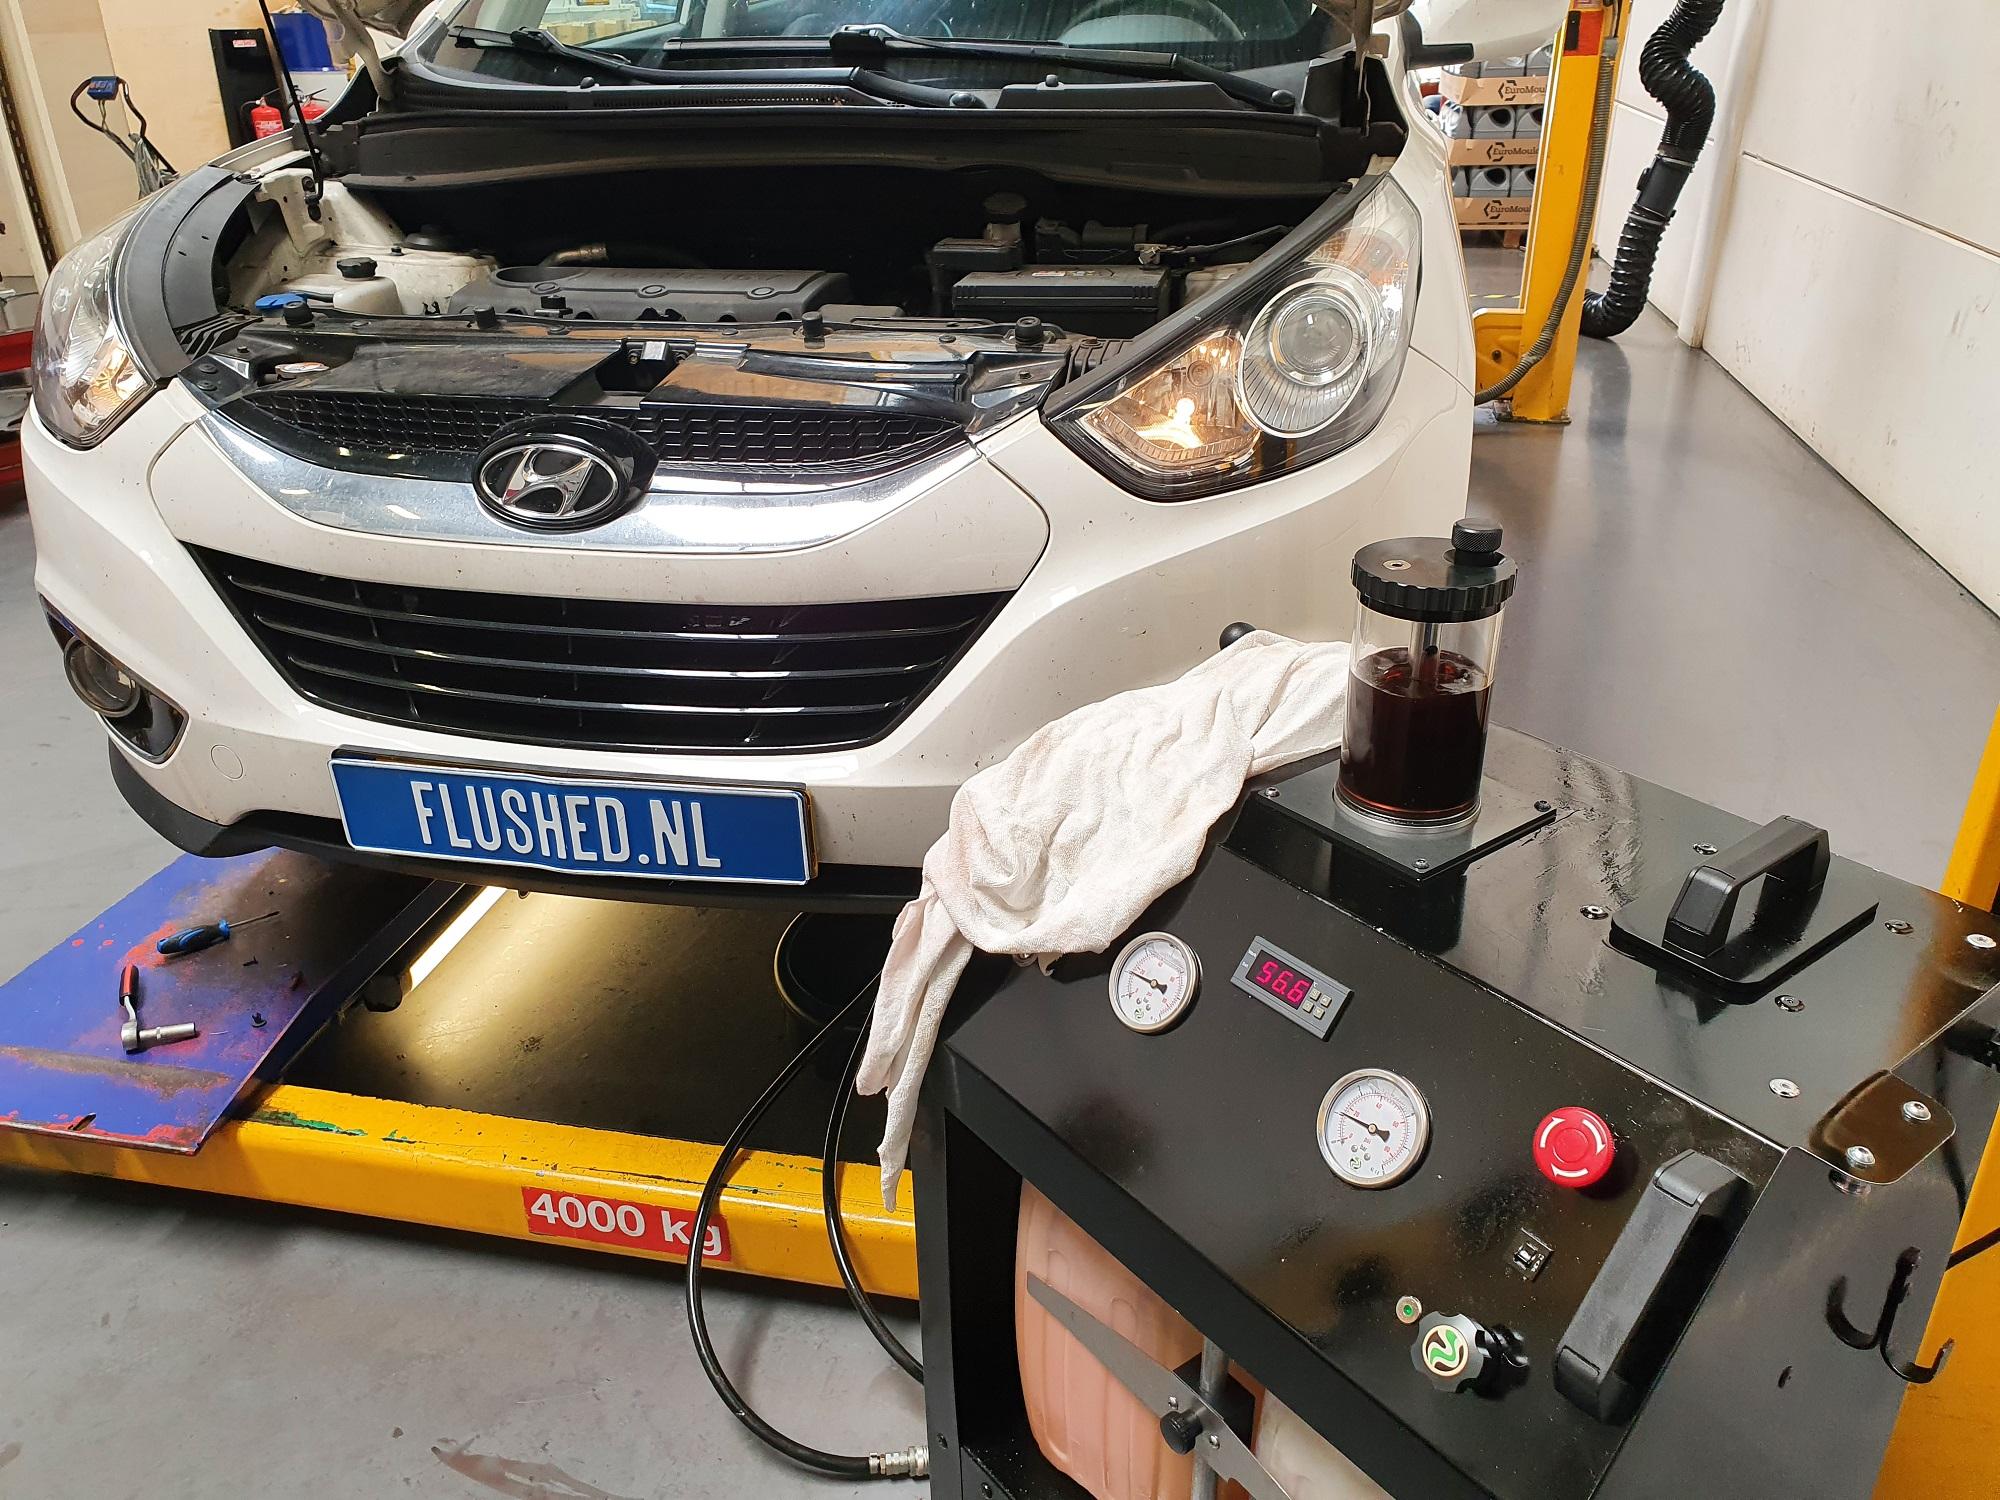 Hyundai Automaatbak Spoelen